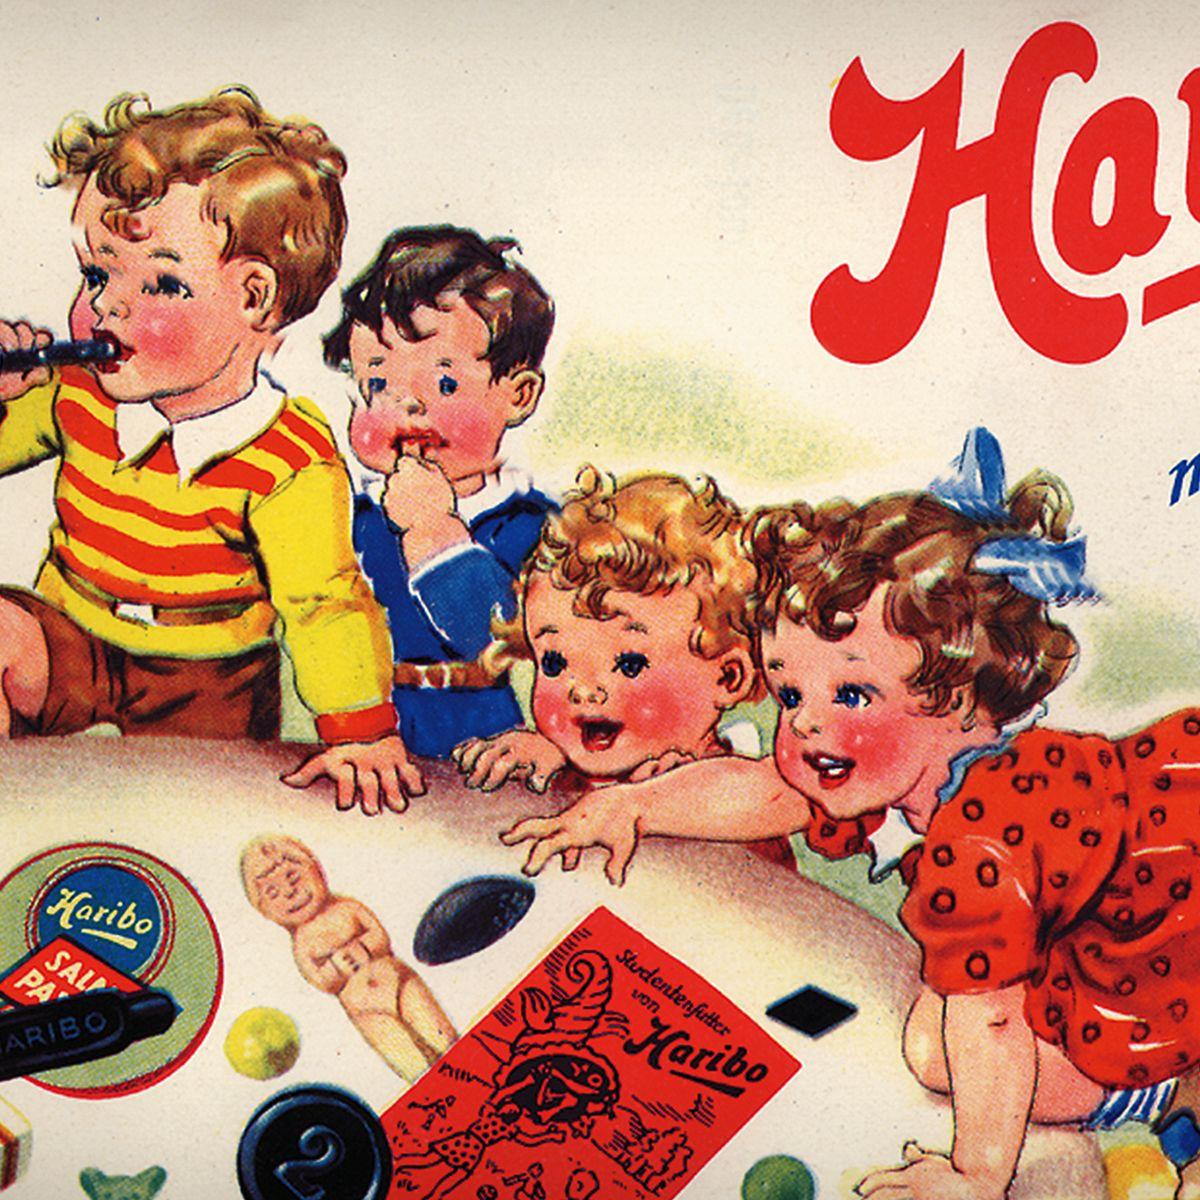 子供が遊んでいる様子を描いたHARIBOの歴史的な広告